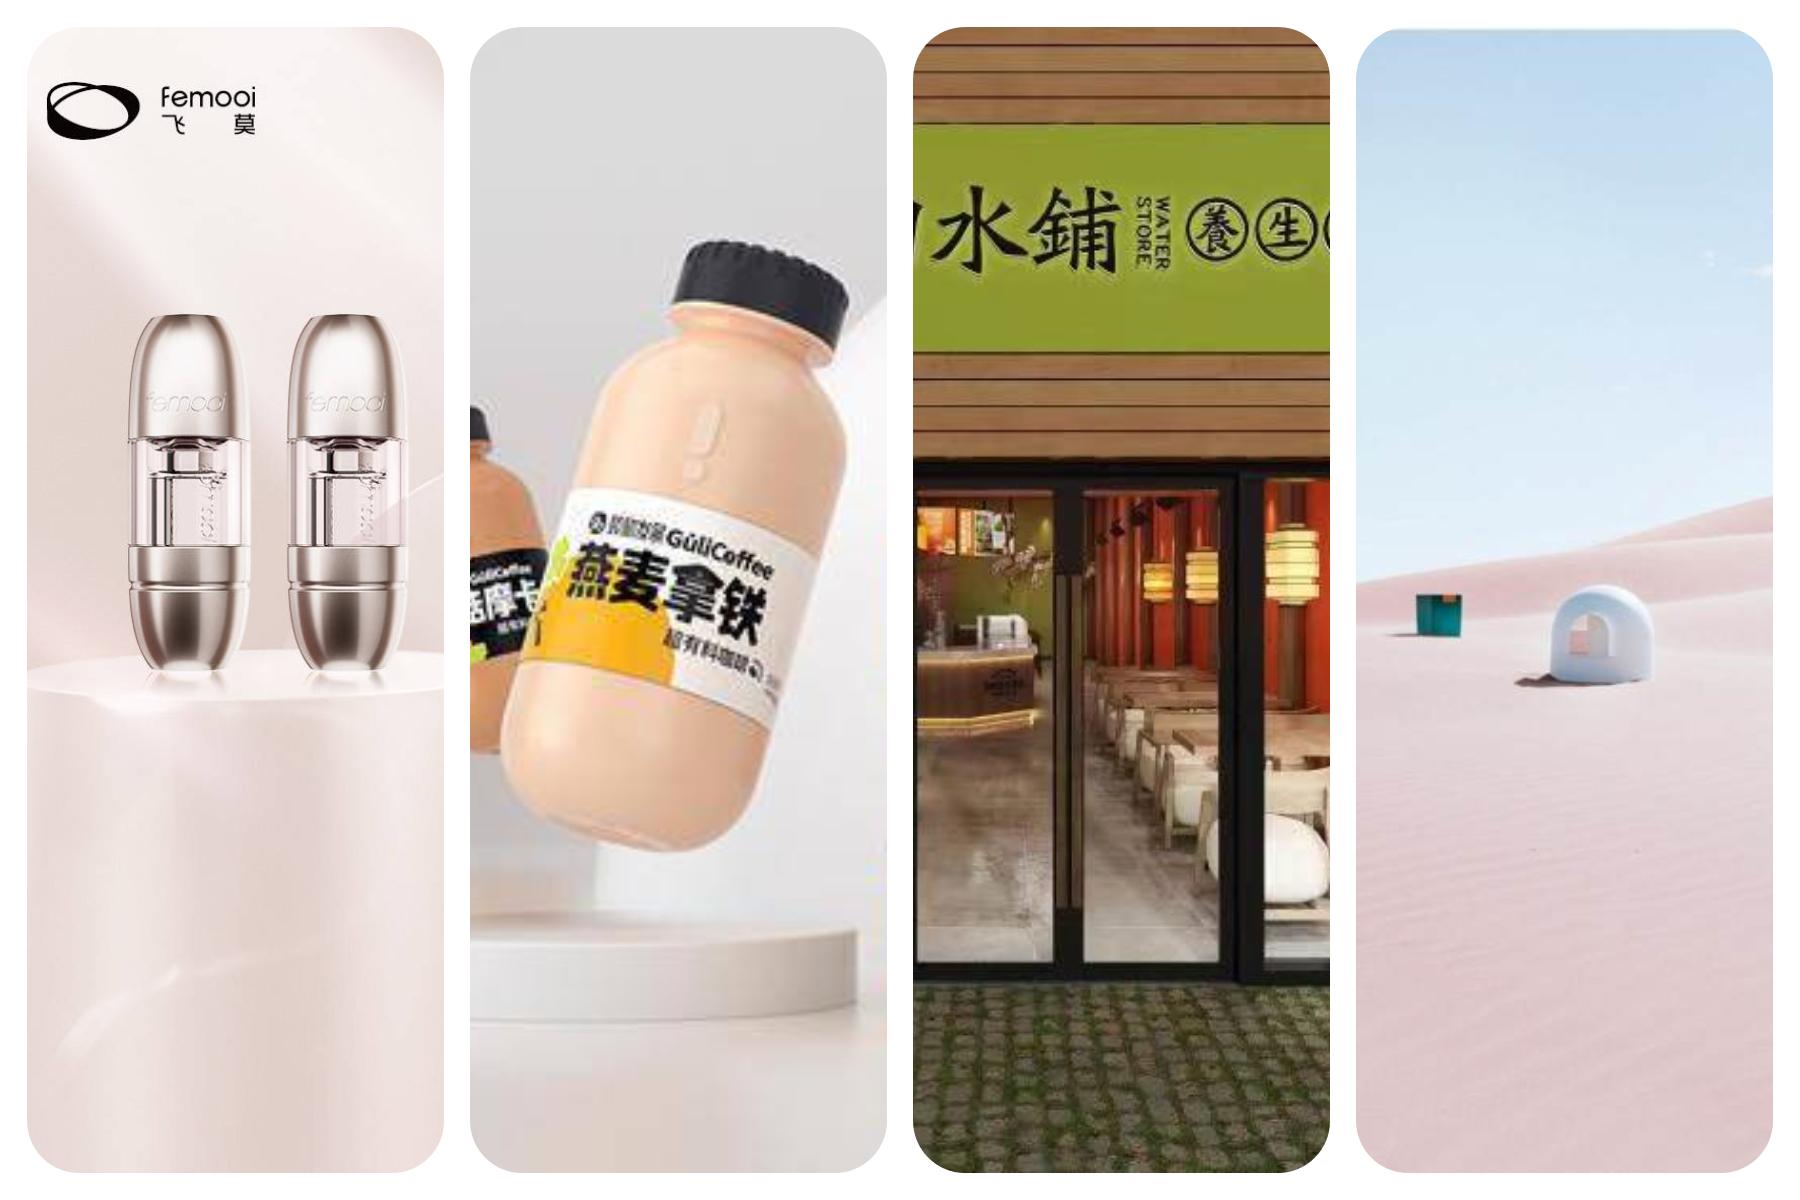 【华丽中国投资周报】2021年第25期:11家中国时尚消费企业完成新一轮融资